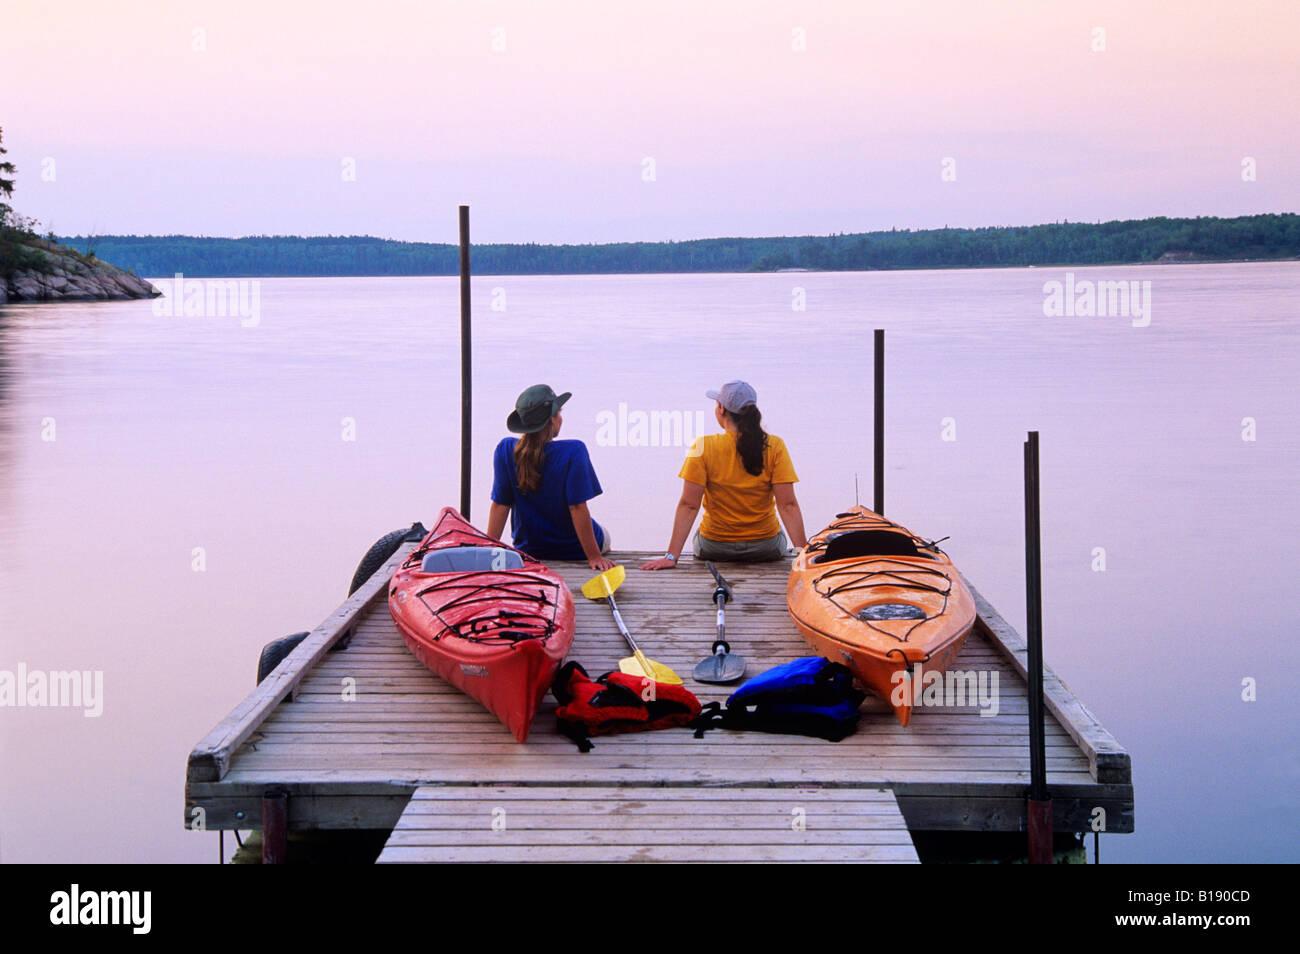 Los palistas un Camping Lago Nutimik embarcadero, Parque Provincial Whiteshell, Manitoba, Canadá. Imagen De Stock